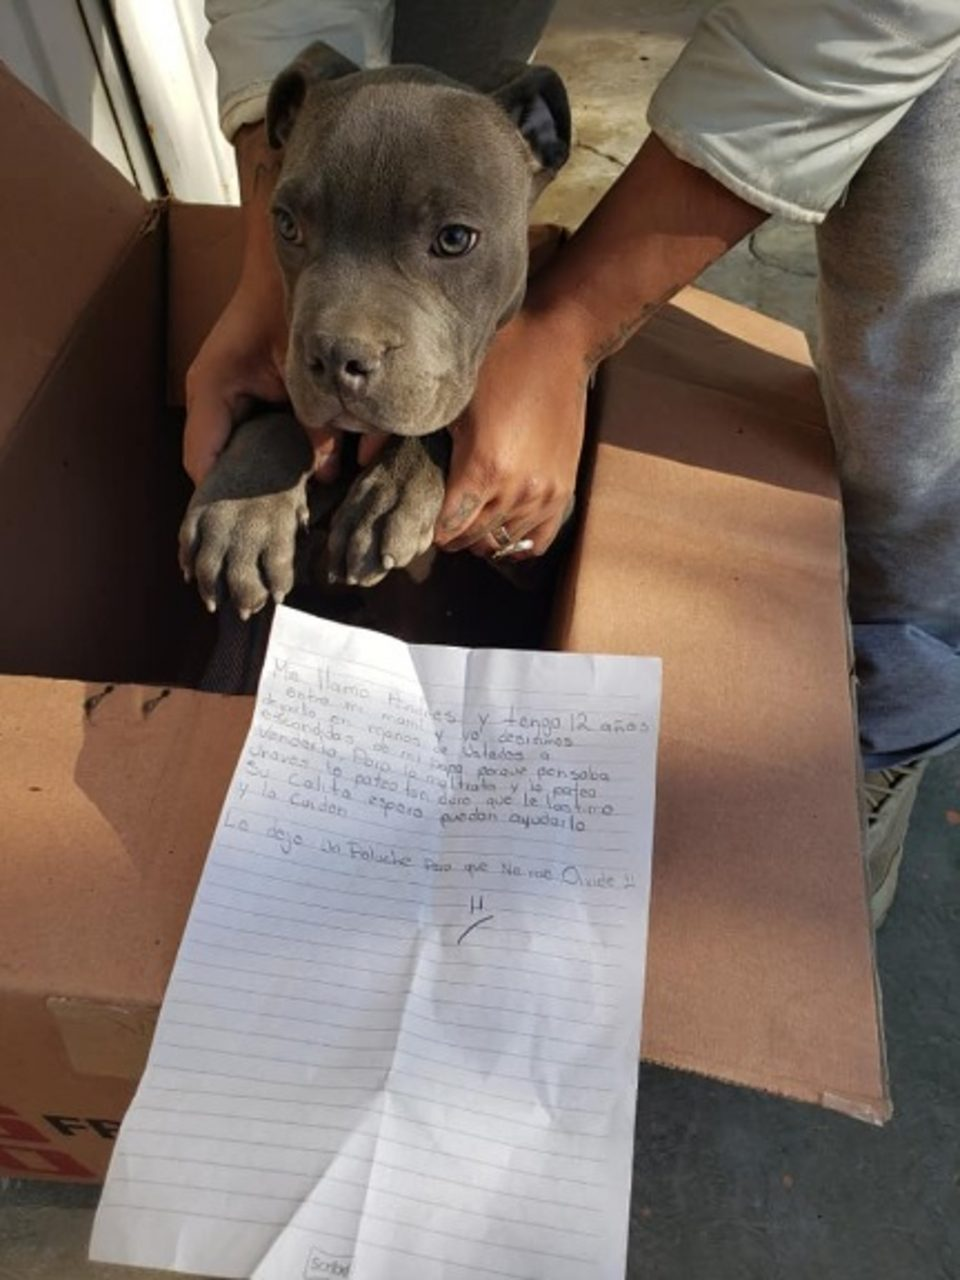 pitbull kölyköt hagytak a menhely előtt egy levéllel